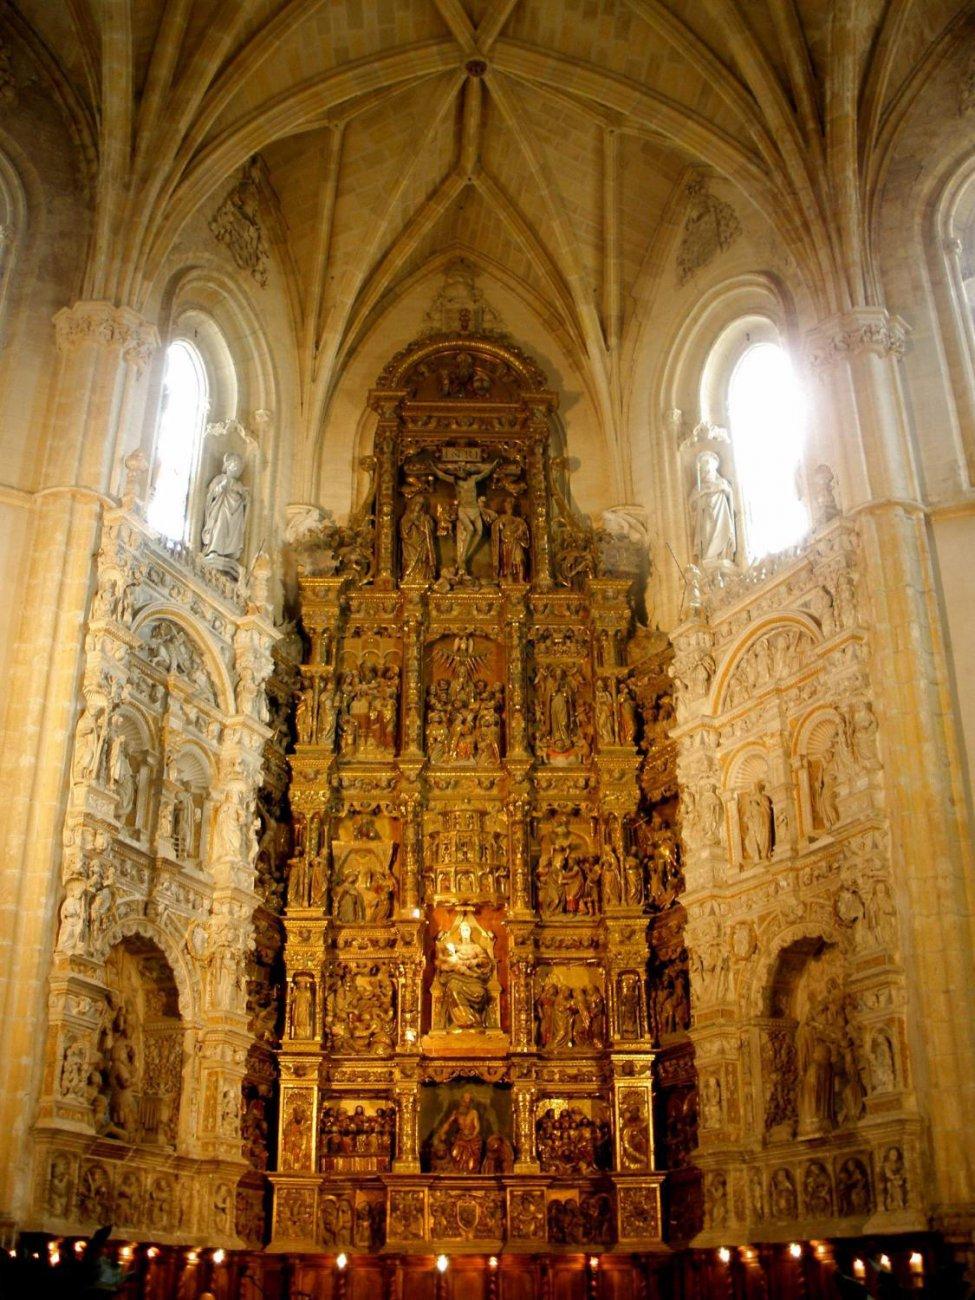 24575-Segovia_-_Real_Monasterio_de_Santa_Maria_del_Parral_26.jpg